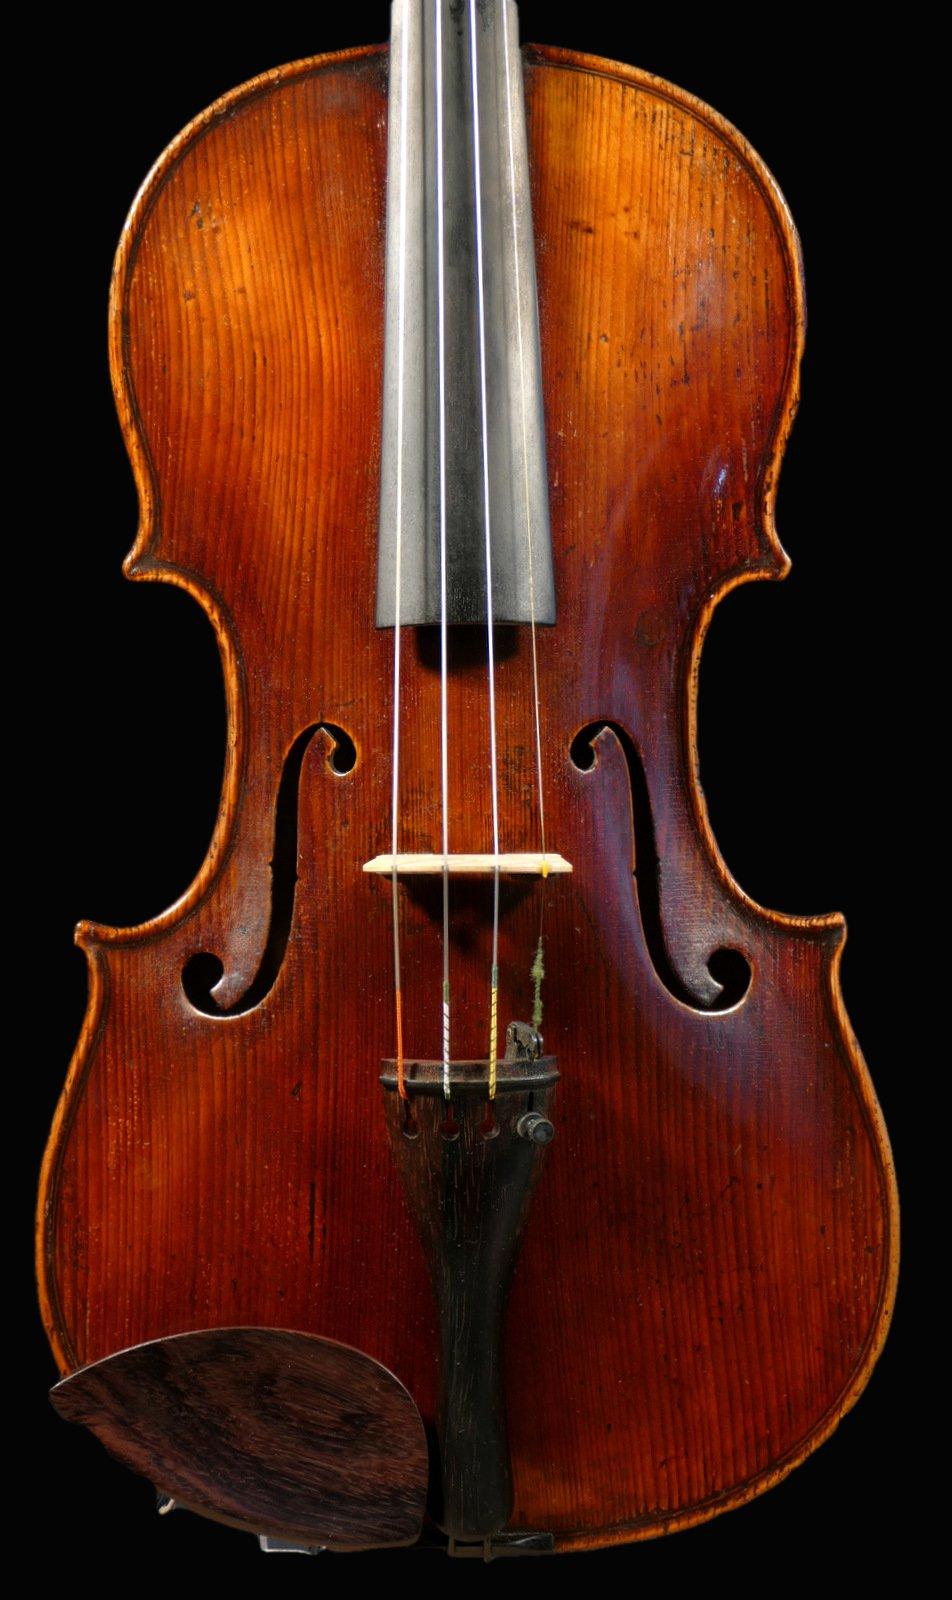 Fine Czechs violin around 1840